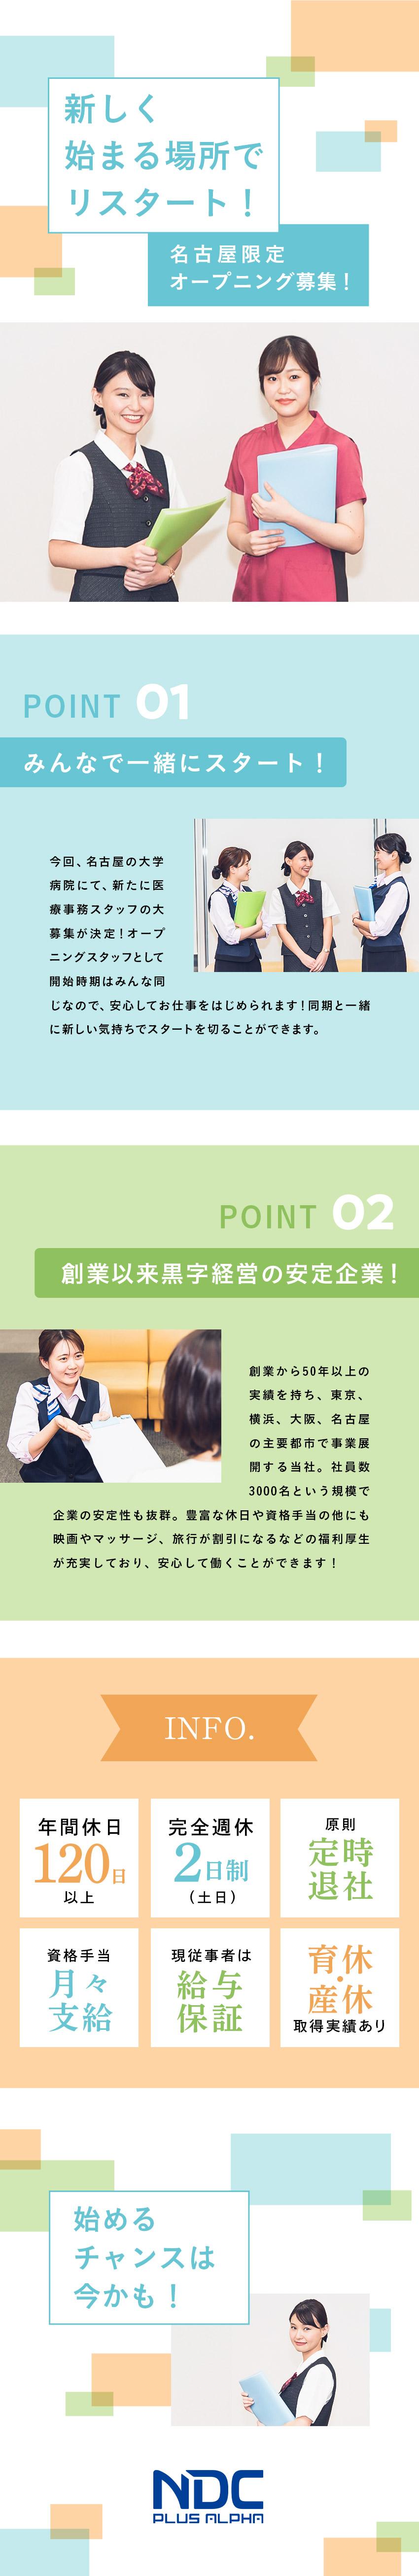 データー 日本 プロセシング センター ビジネス